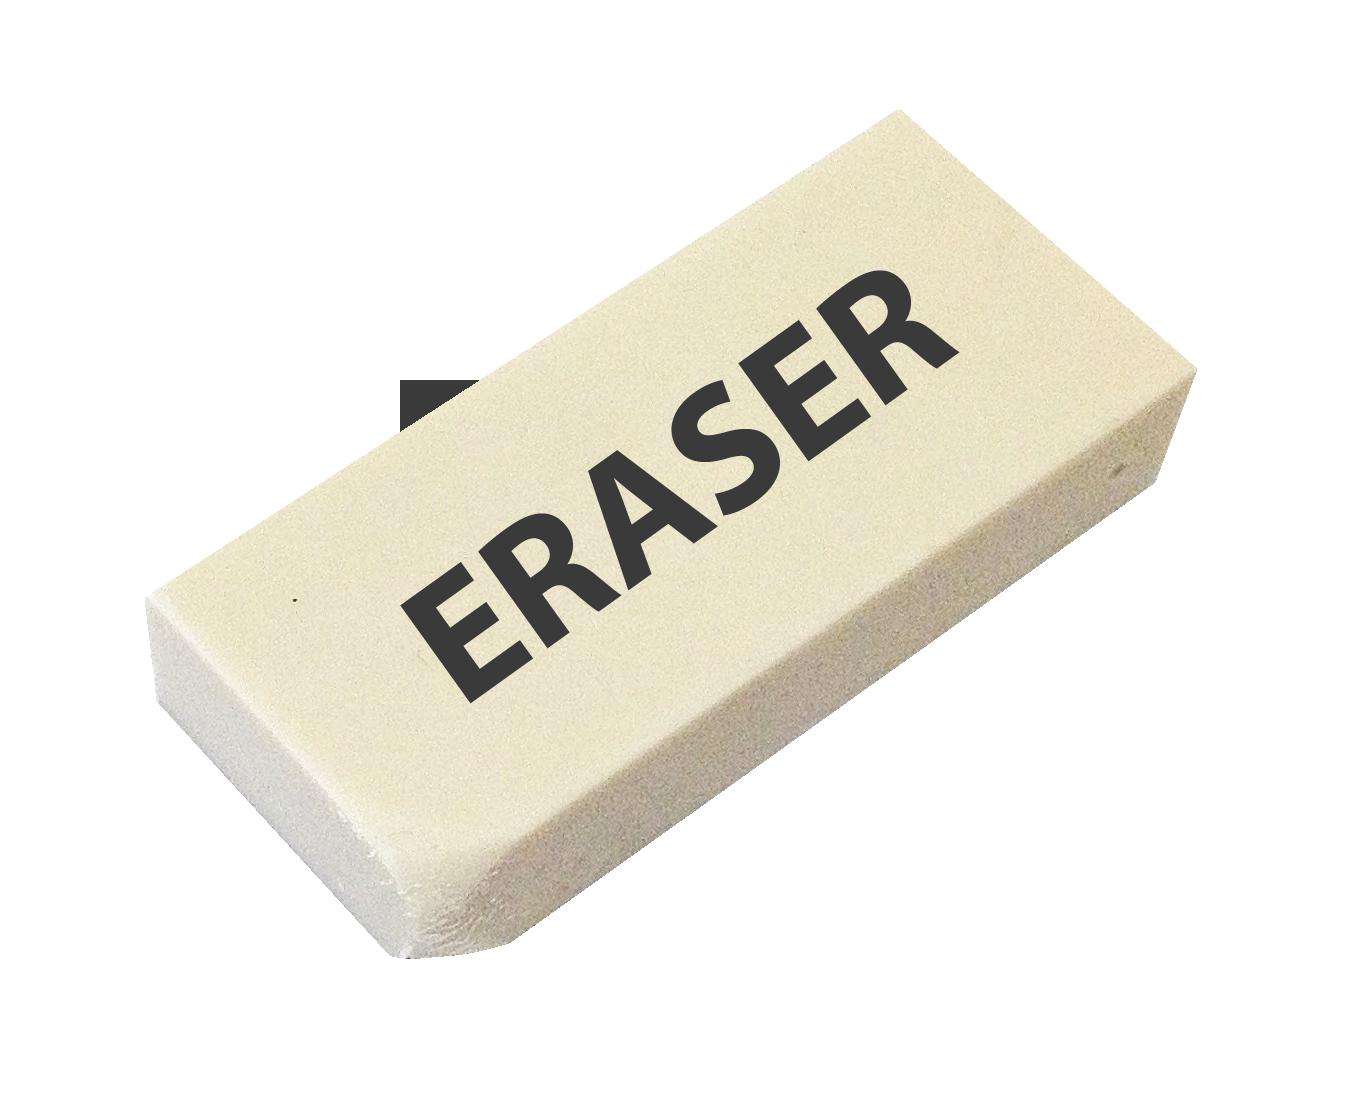 Eraser clipart transparent background. Png image best stock